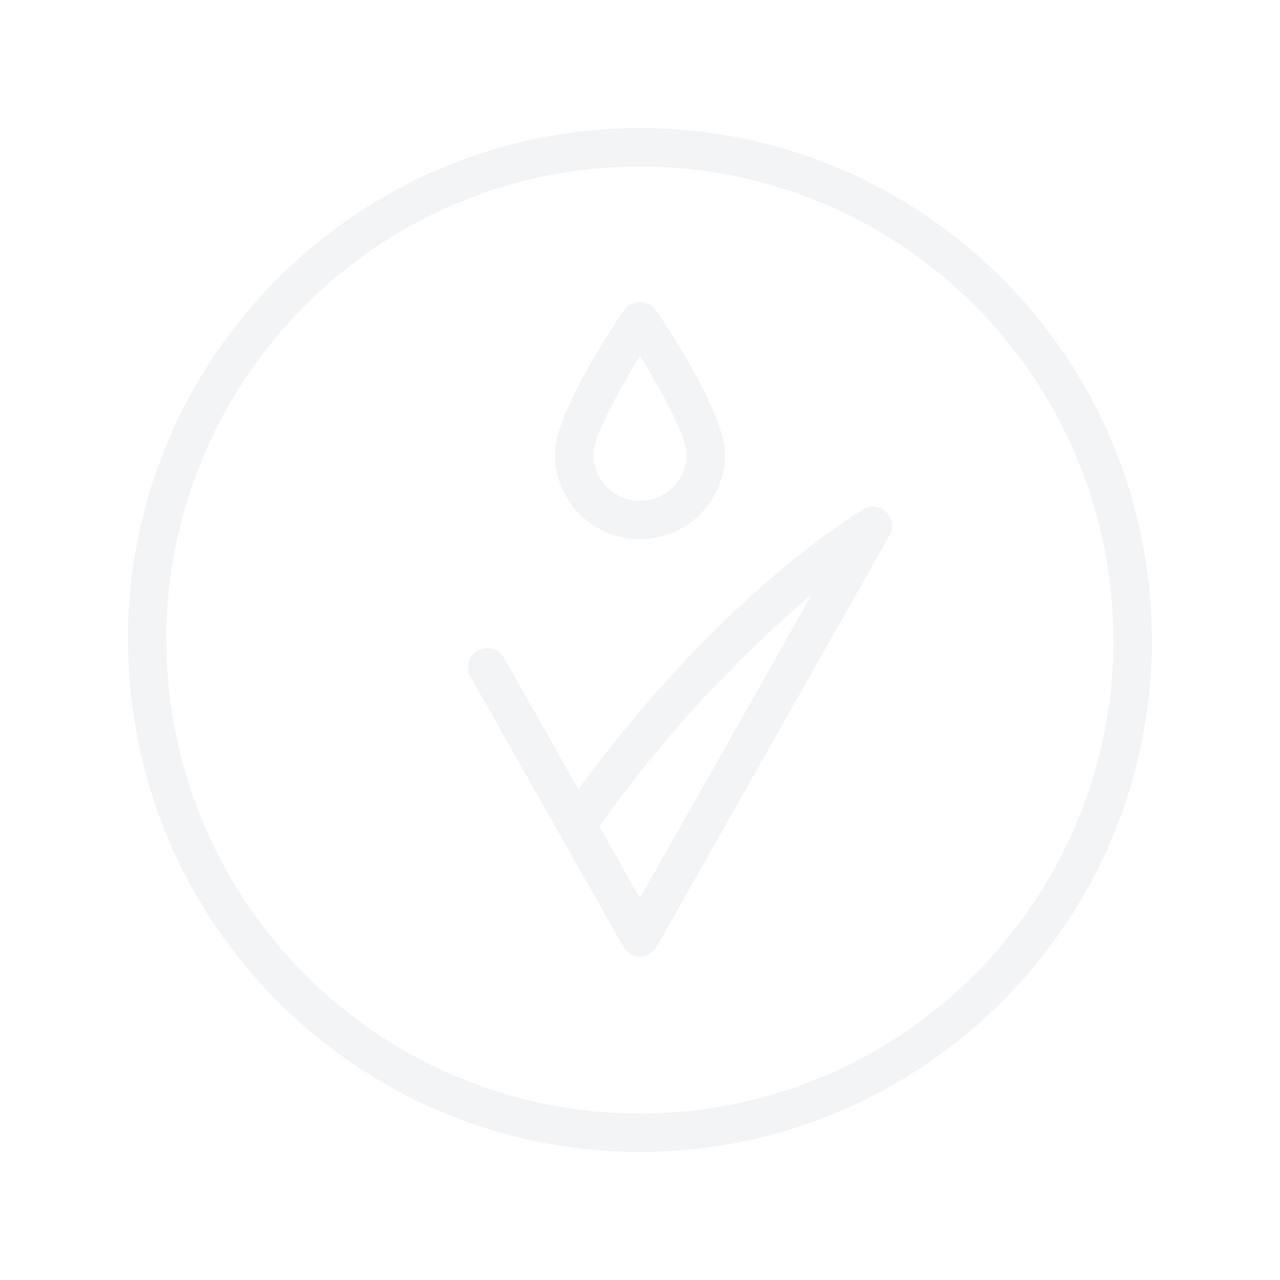 JANE IREDALE Rose Gold Blending Brush